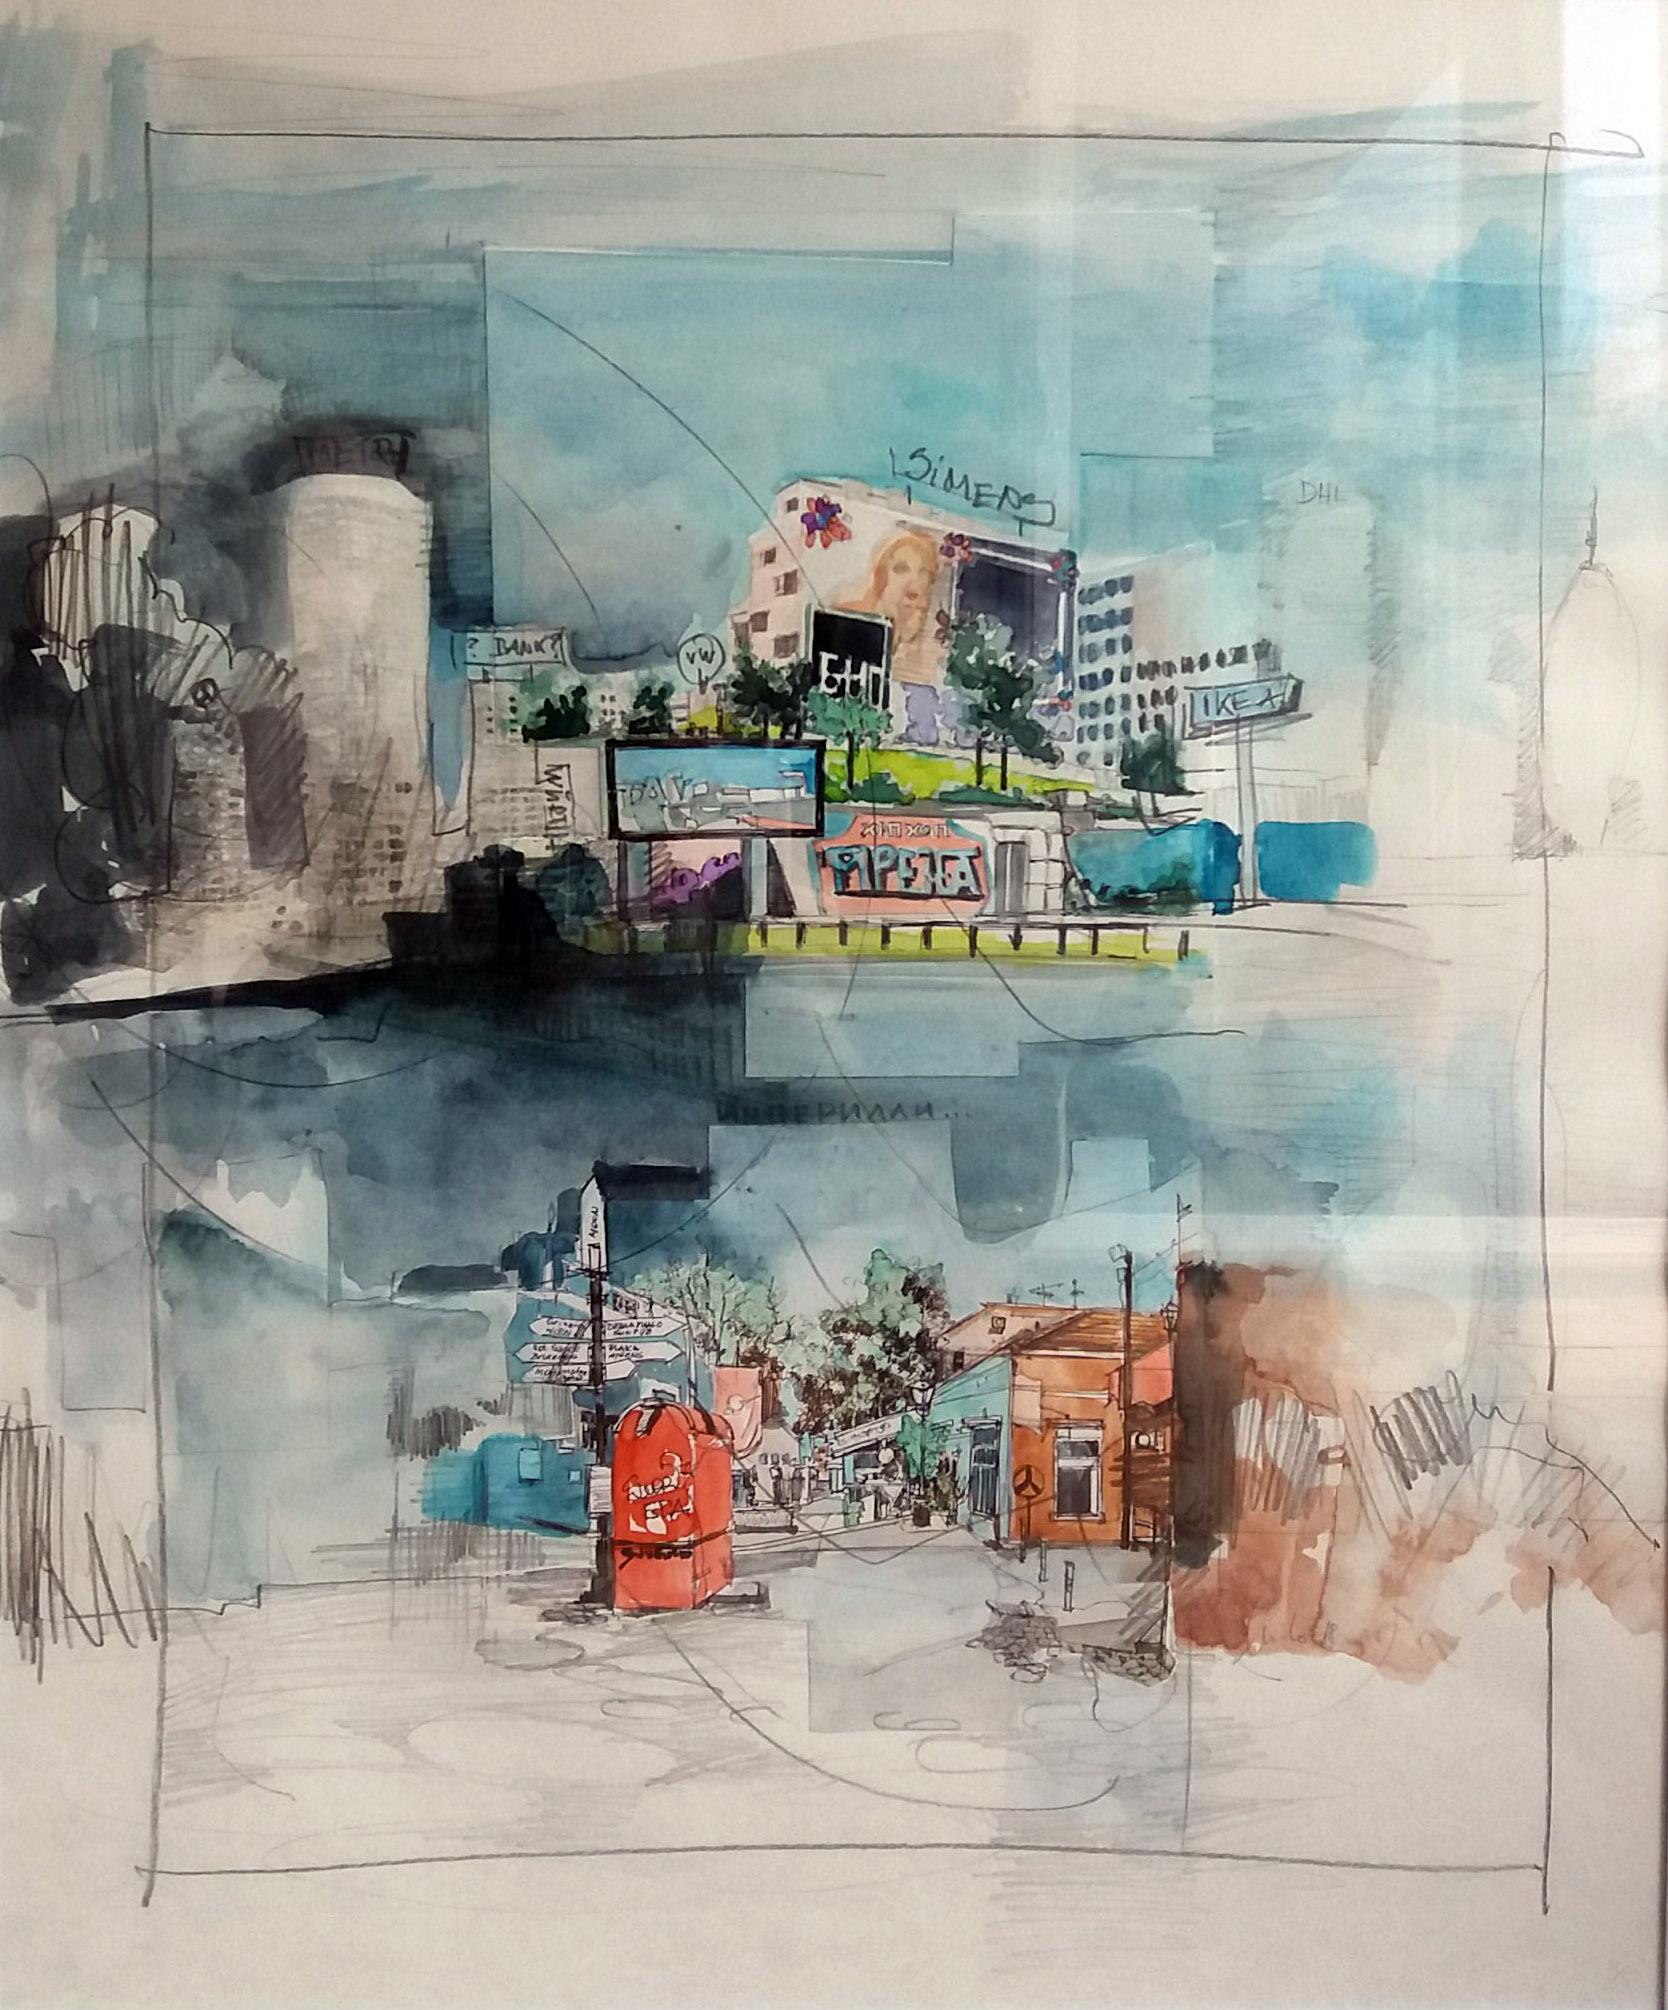 ohne Titel lV, Zeichnung, Mischtechnik auf Papier, 60 x 50